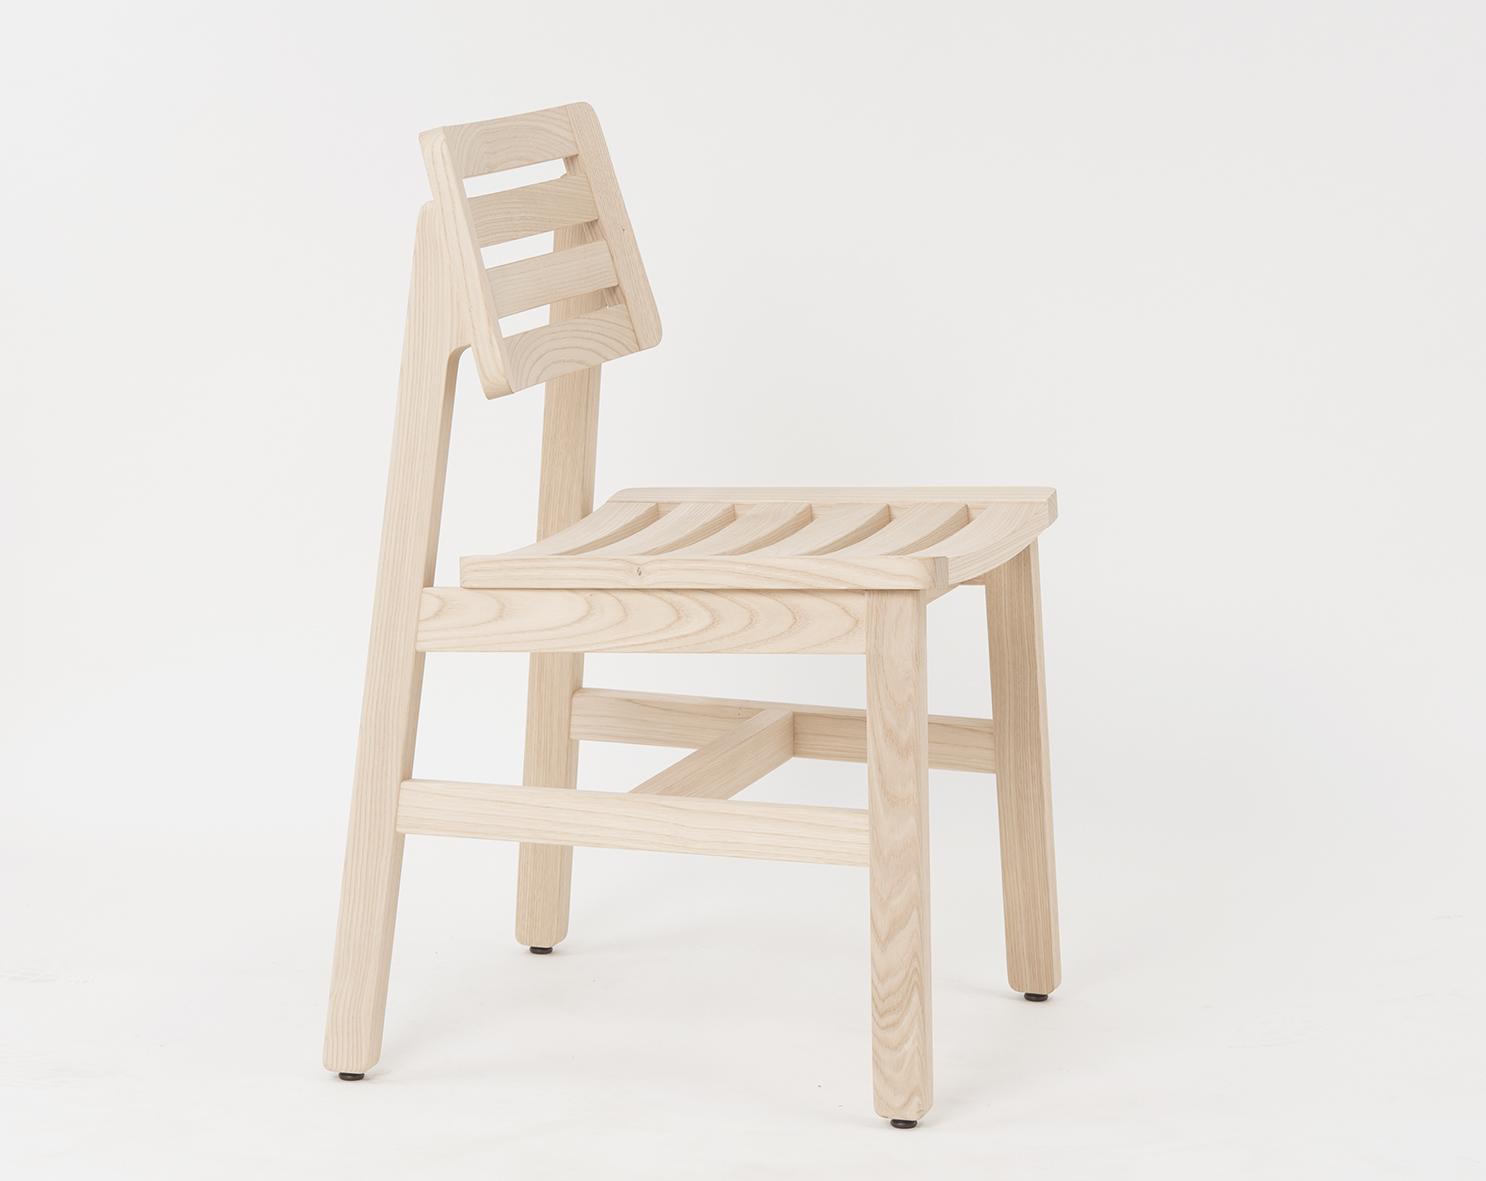 Bezaubernd Schnieder Stuhlfabrik Galerie Von Präsentiert Outdoorstuhl Aus Edelkastanie